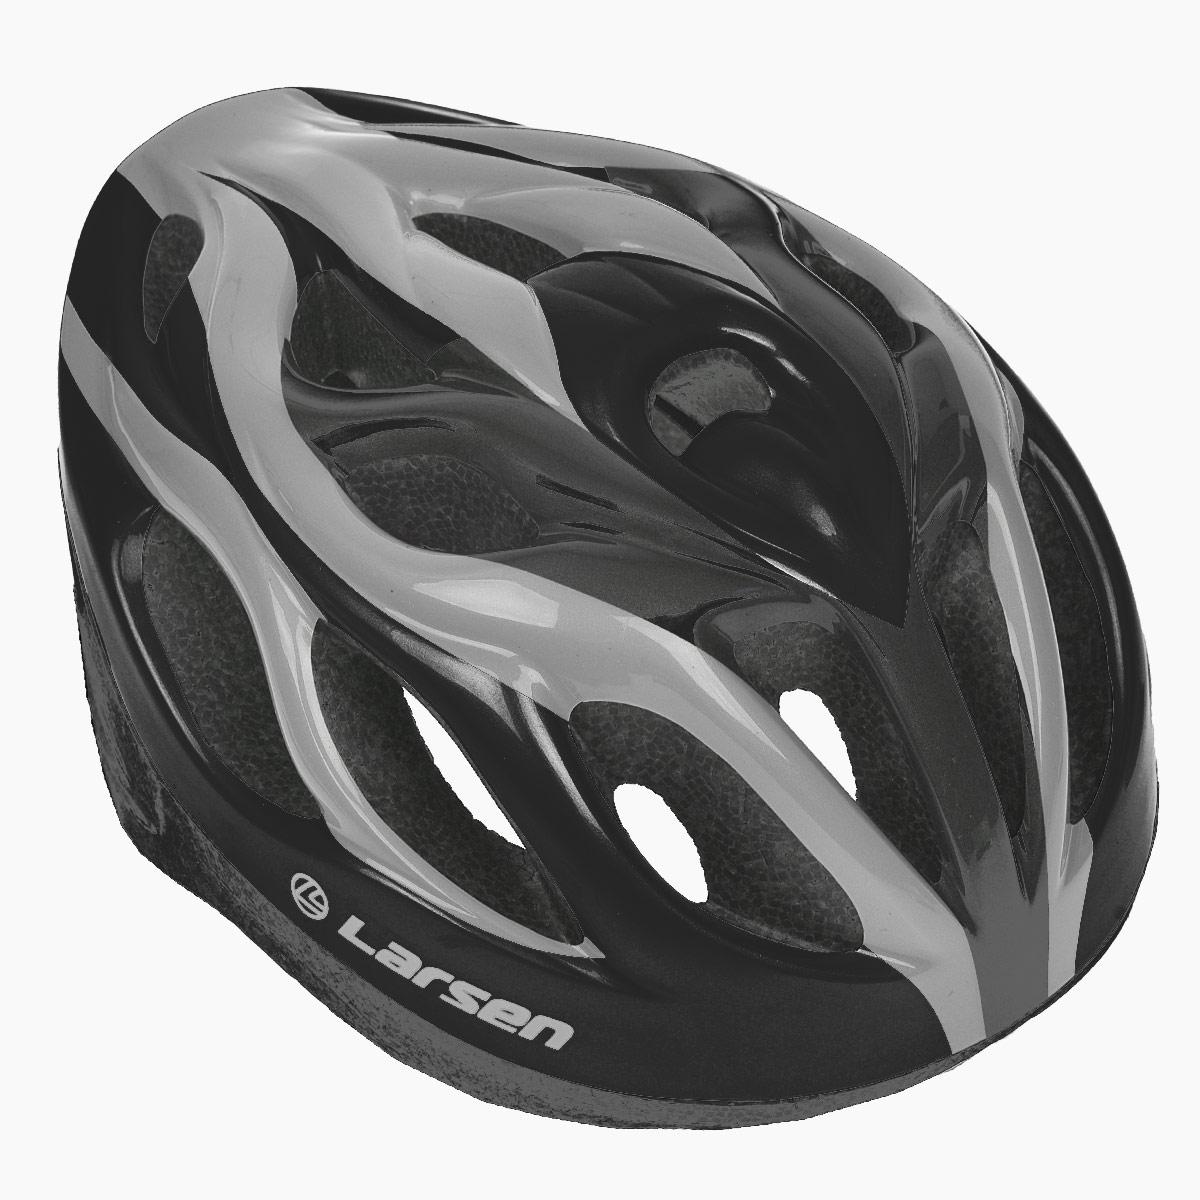 Шлем роликовый Larsen H3BW, цвет: черный, серебристый. Размер L (54-57 см)PWH-2Надежный роликовый шлем Larsen H3BW сделает ваш активный отдых безопасным.Шлем выполнен из прочного пластика и отлично защищает от травм. Внутренняя сторона шлема оснащена мягкими текстильными накладками, которые обеспечивают надежное прилегание шлема и комфорт при использовании. Шлем имеет систему систему вентиляции. Он отлично сядет по голове, благодаря регулируемым ремешкам и практичному механическому регулятору.Роликовый шлем станет незаменимым дополнением для полноценного летнего отдыха и занятия активными видами спорта.